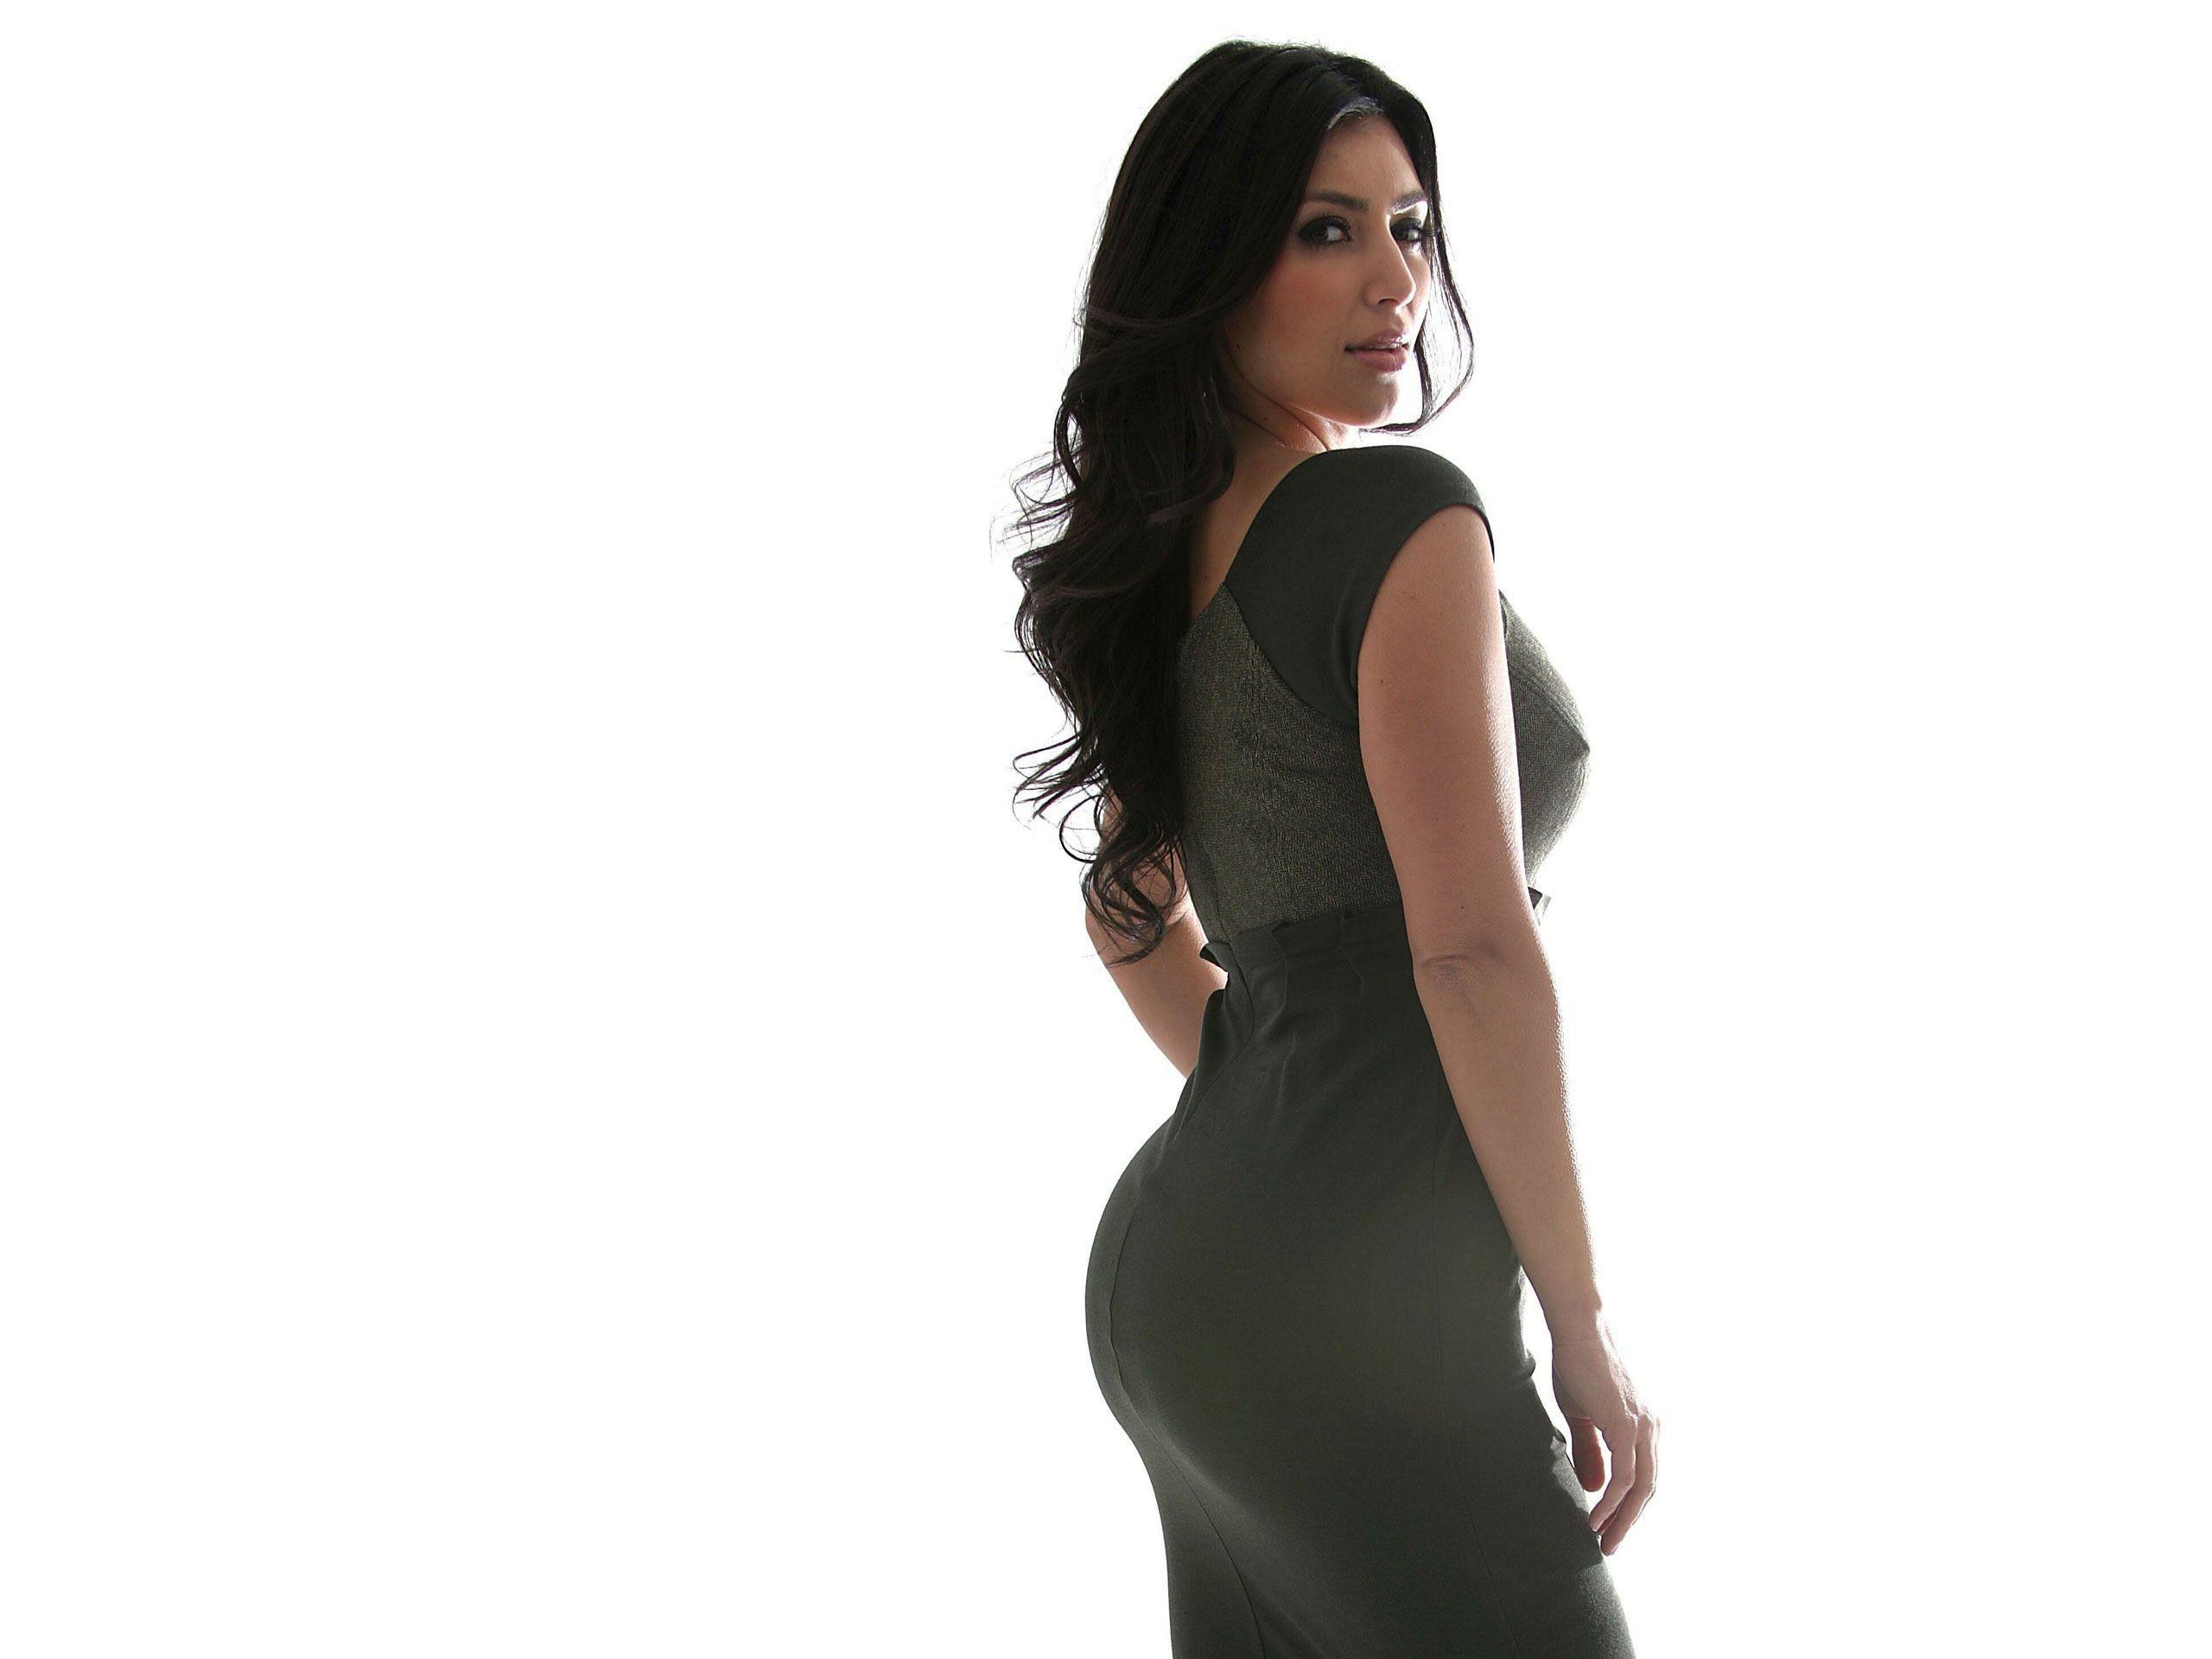 Kim Kardashian Background 59 Pictures